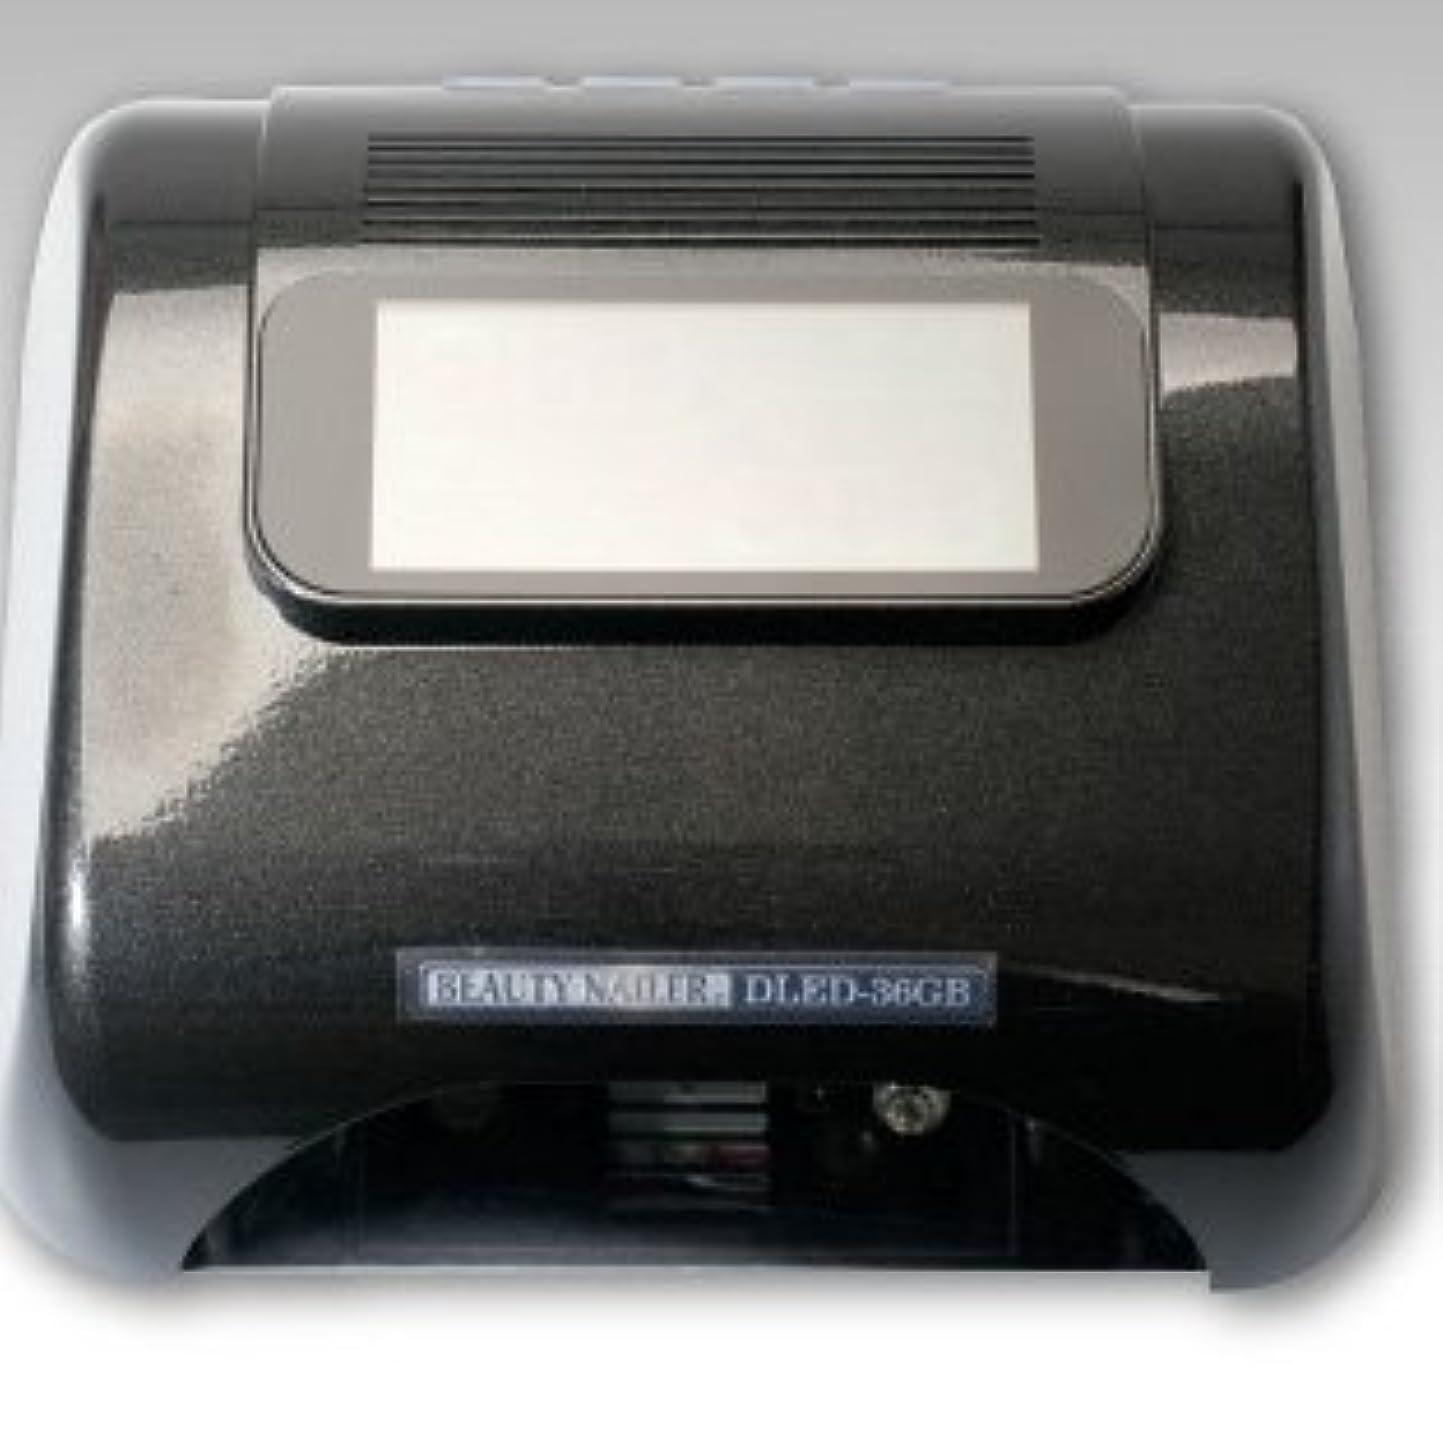 ズボンずるい火星デジタル LEDライト DLED-36GB ムラキビューティネイラー